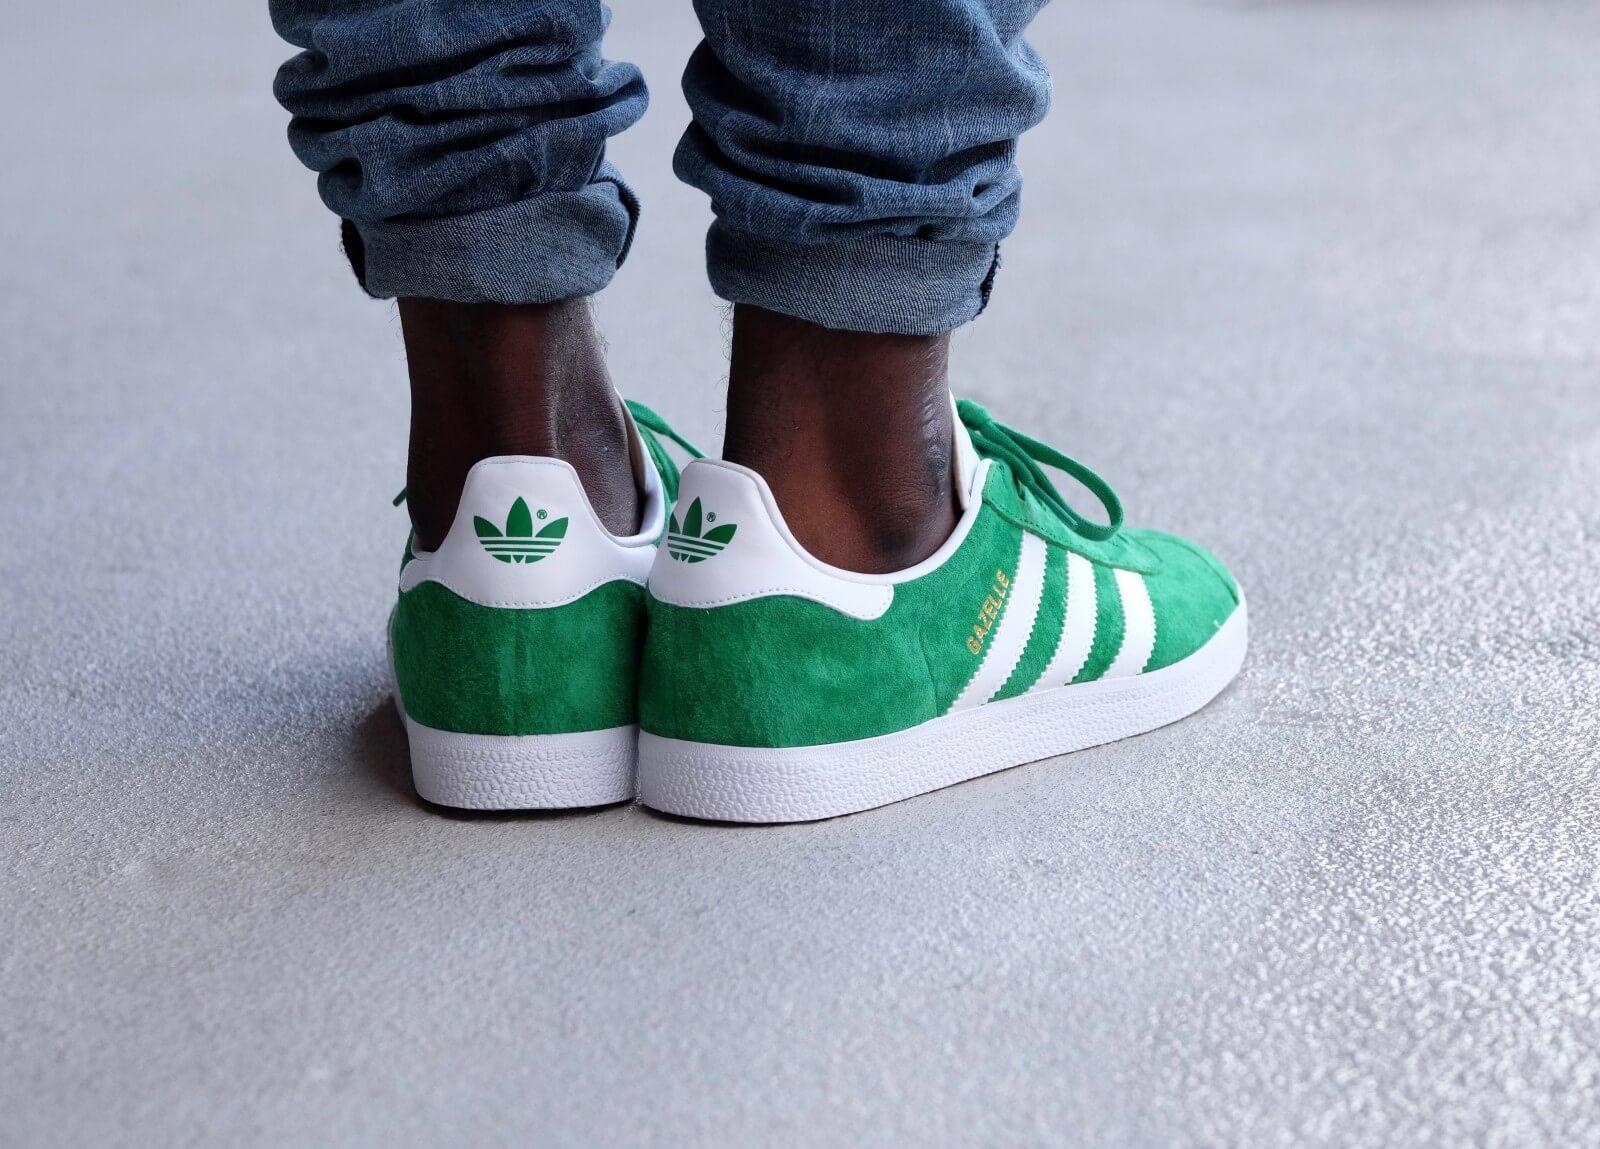 Adidas Gazelle Green/White - BB5477